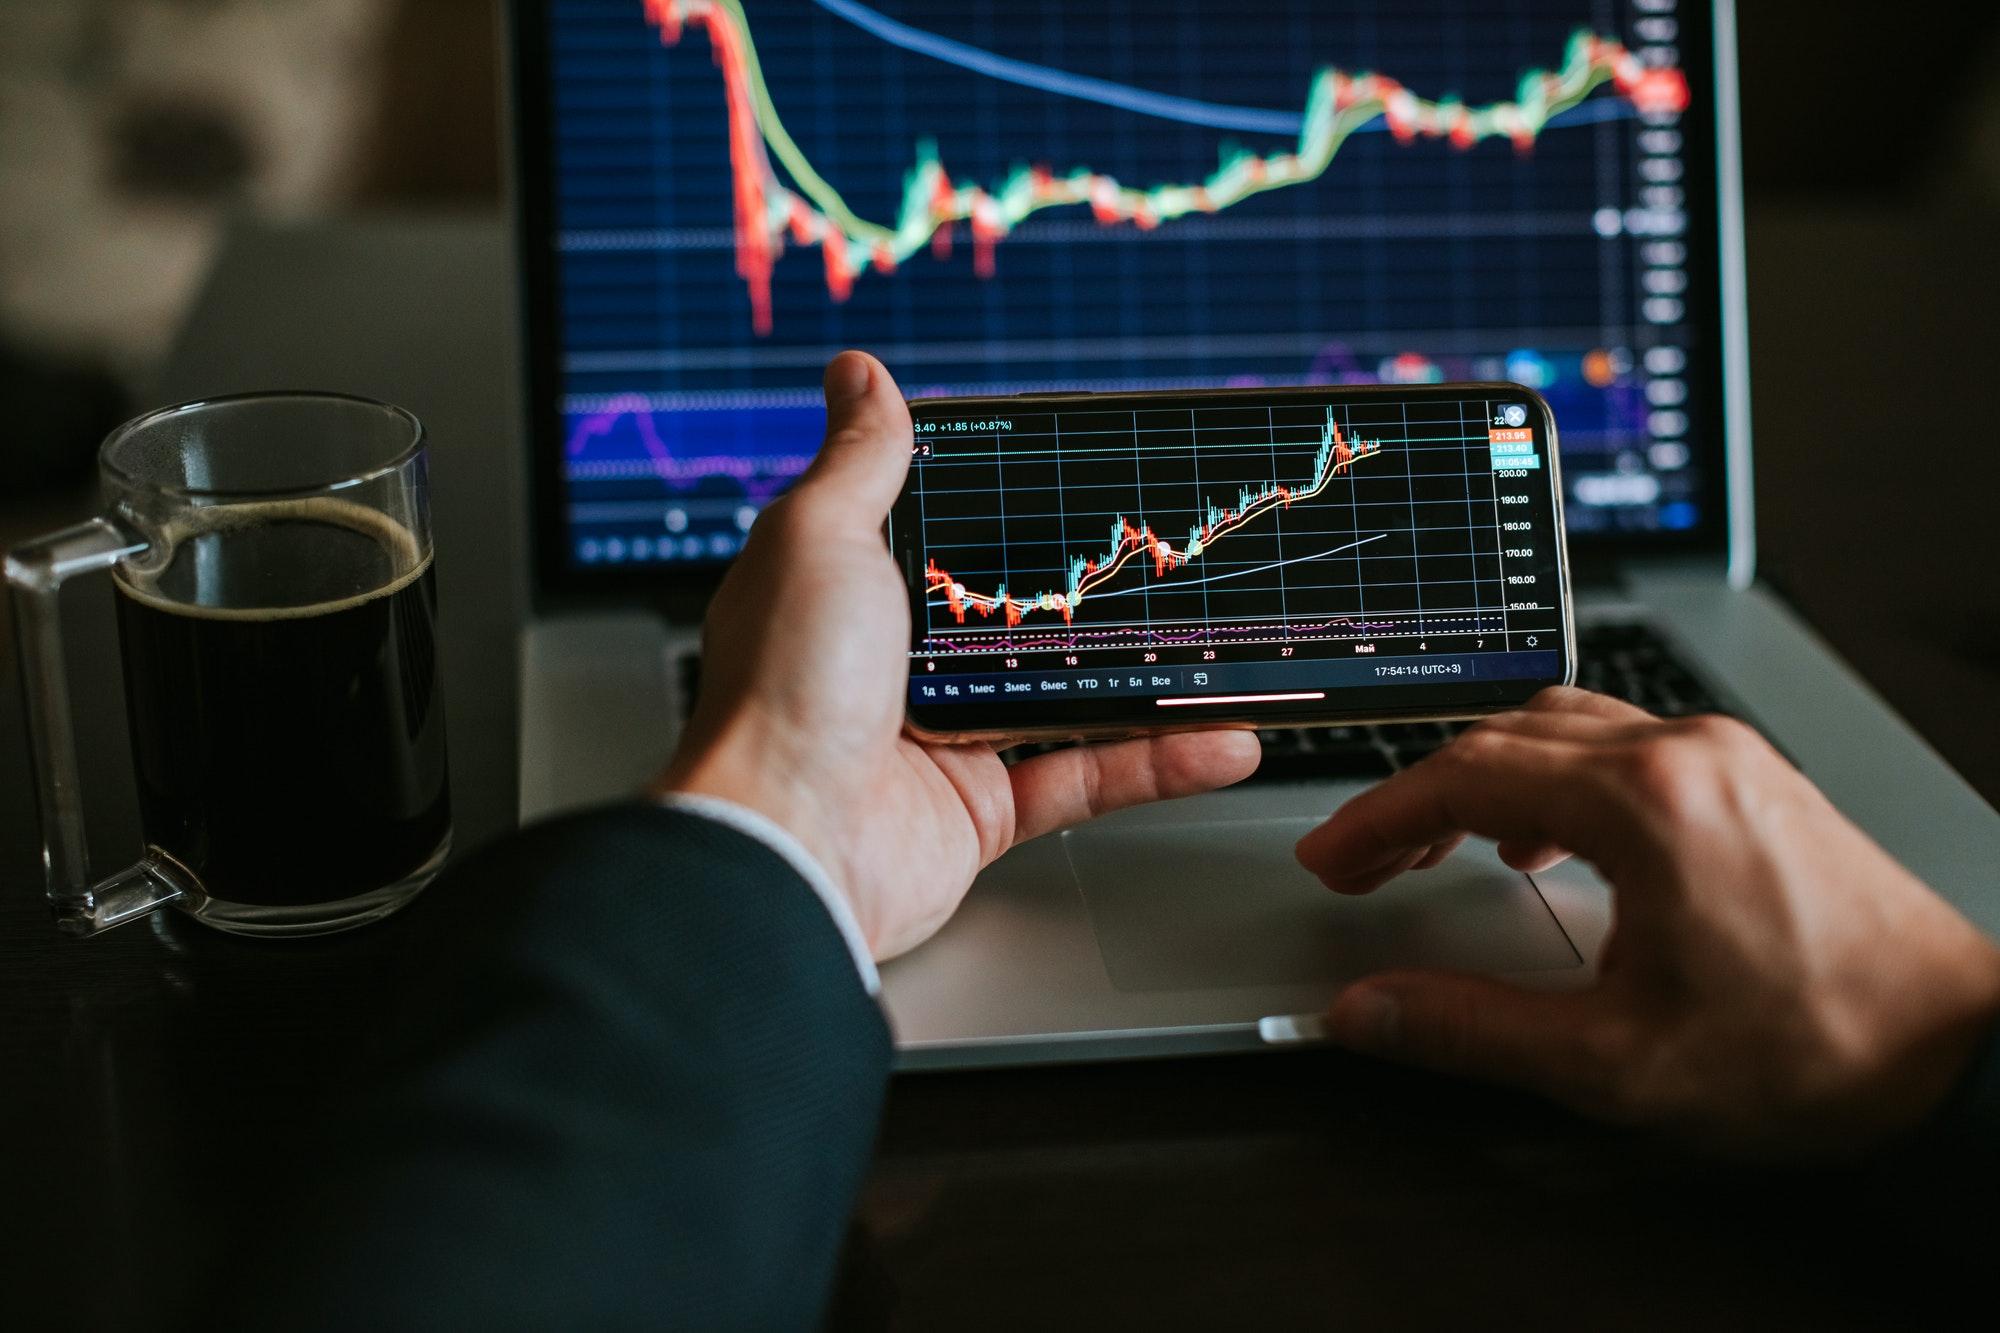 investment stockbroker stock trading